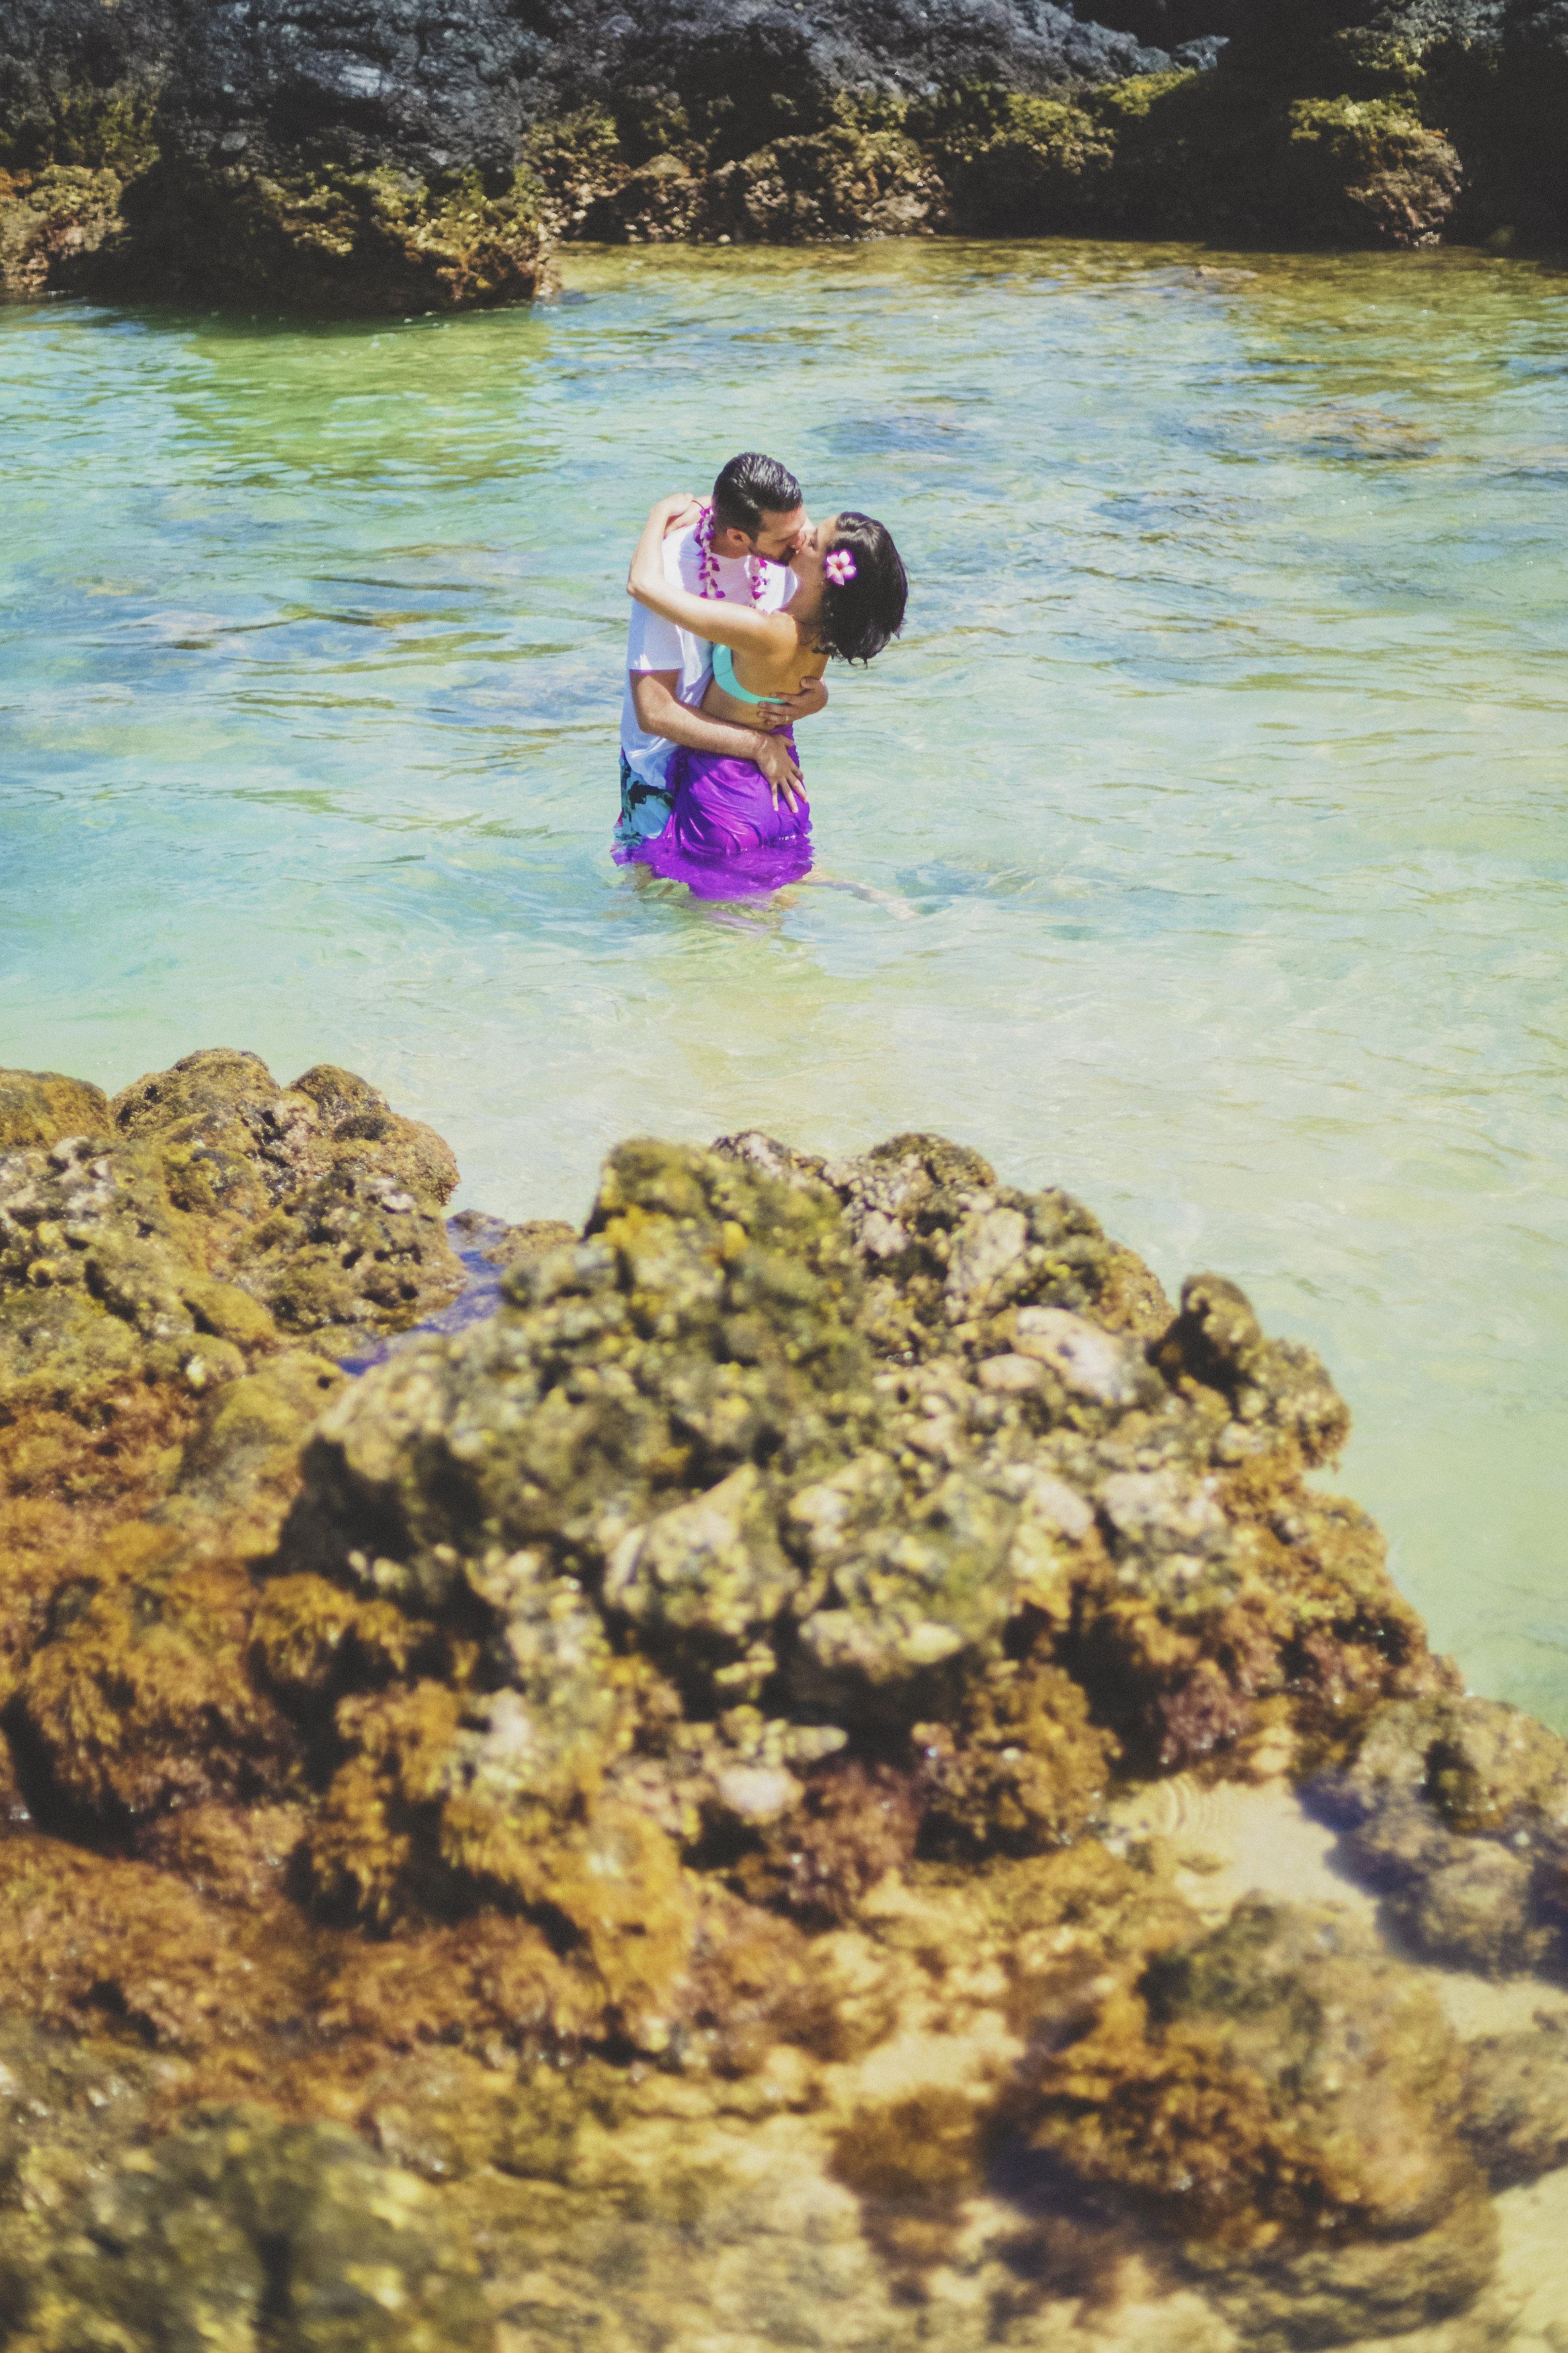 angie-diaz-photography-maui-beach-honeymoon-photographer-15.jpg